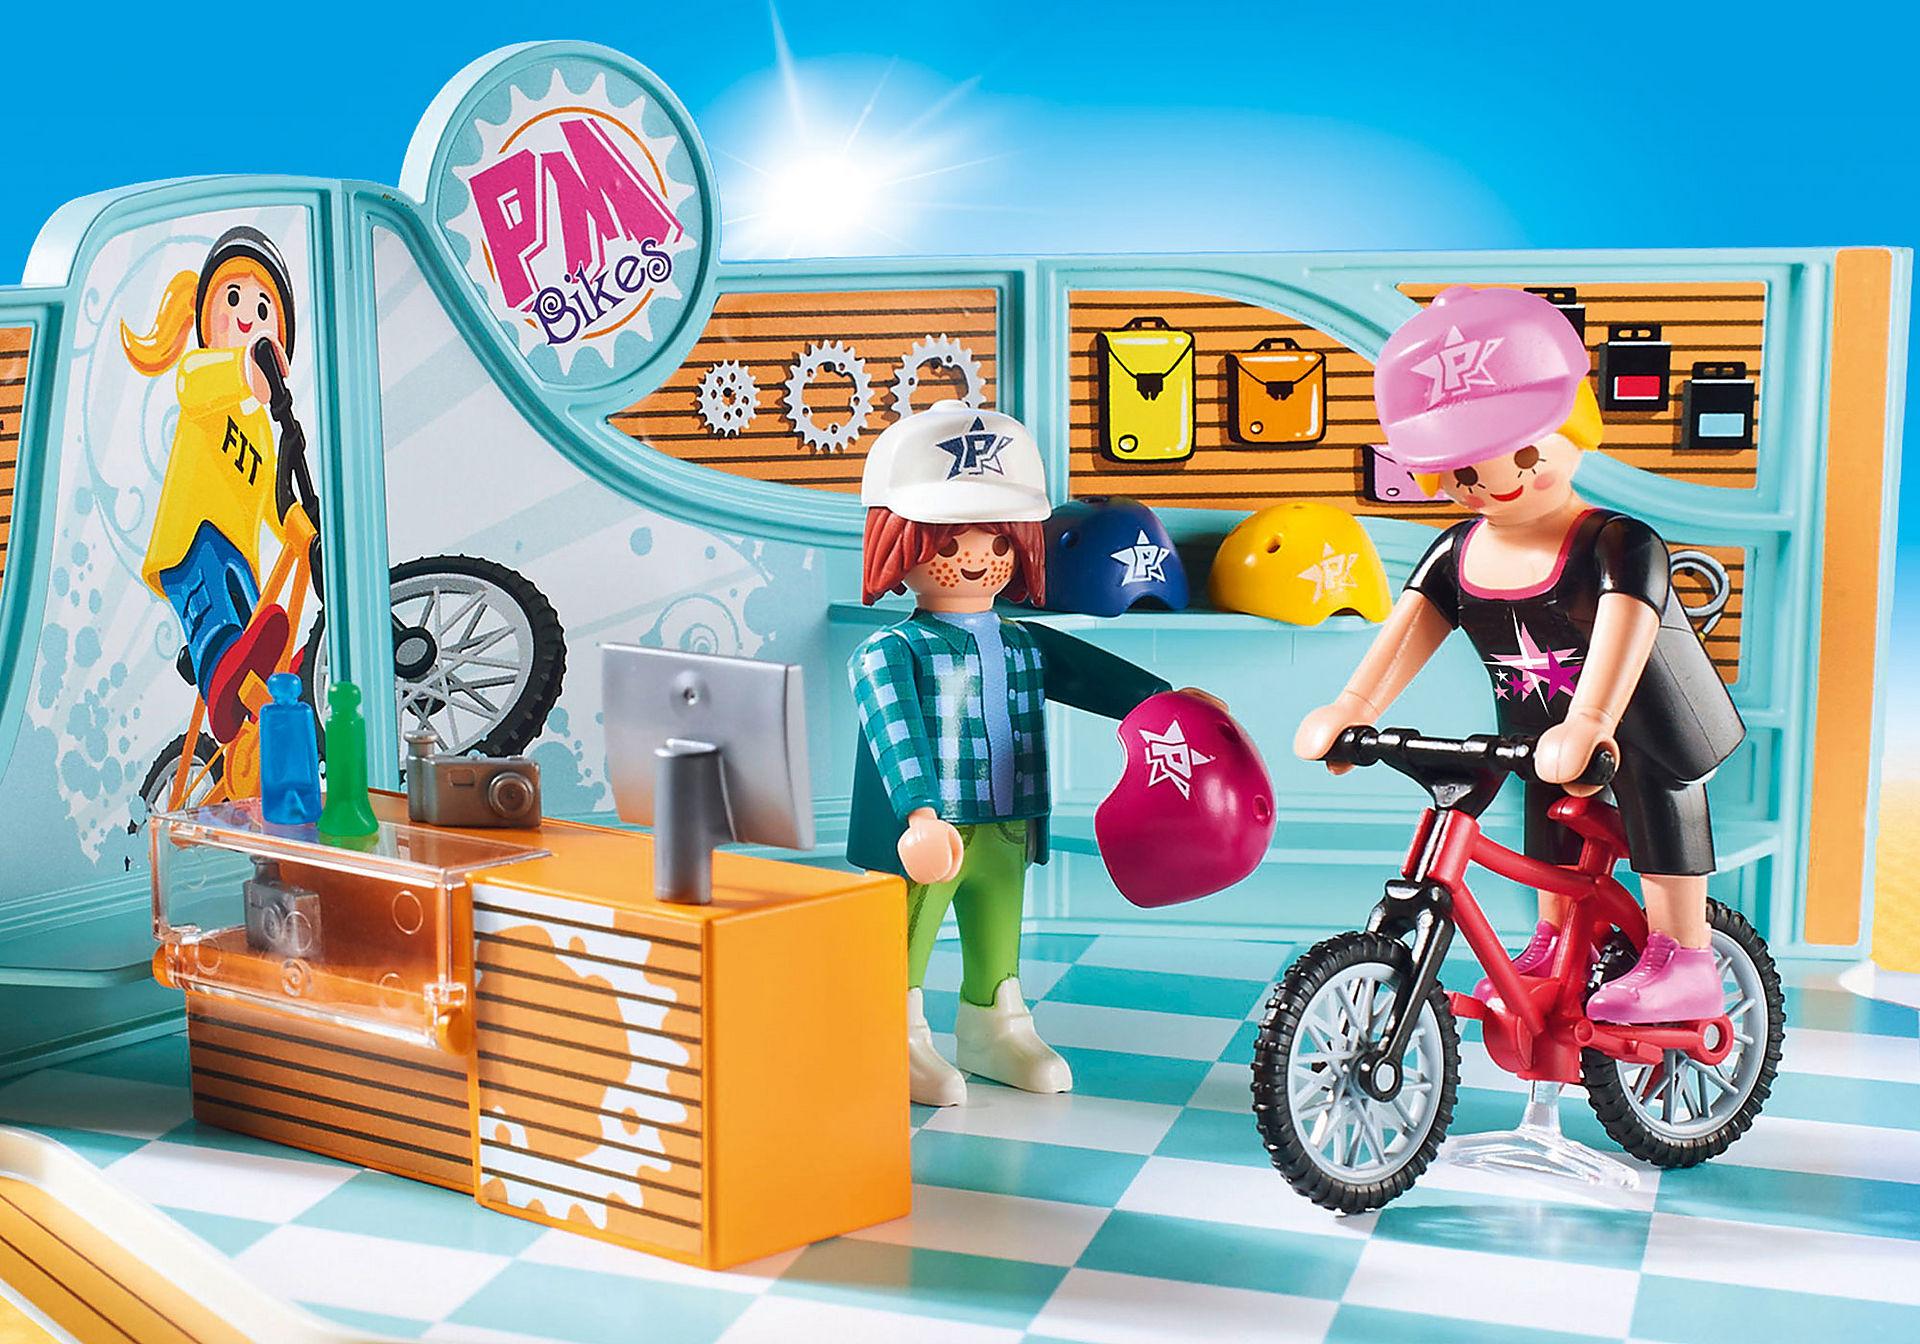 http://media.playmobil.com/i/playmobil/9402_product_extra1/Tienda de Bicicletas y Skate